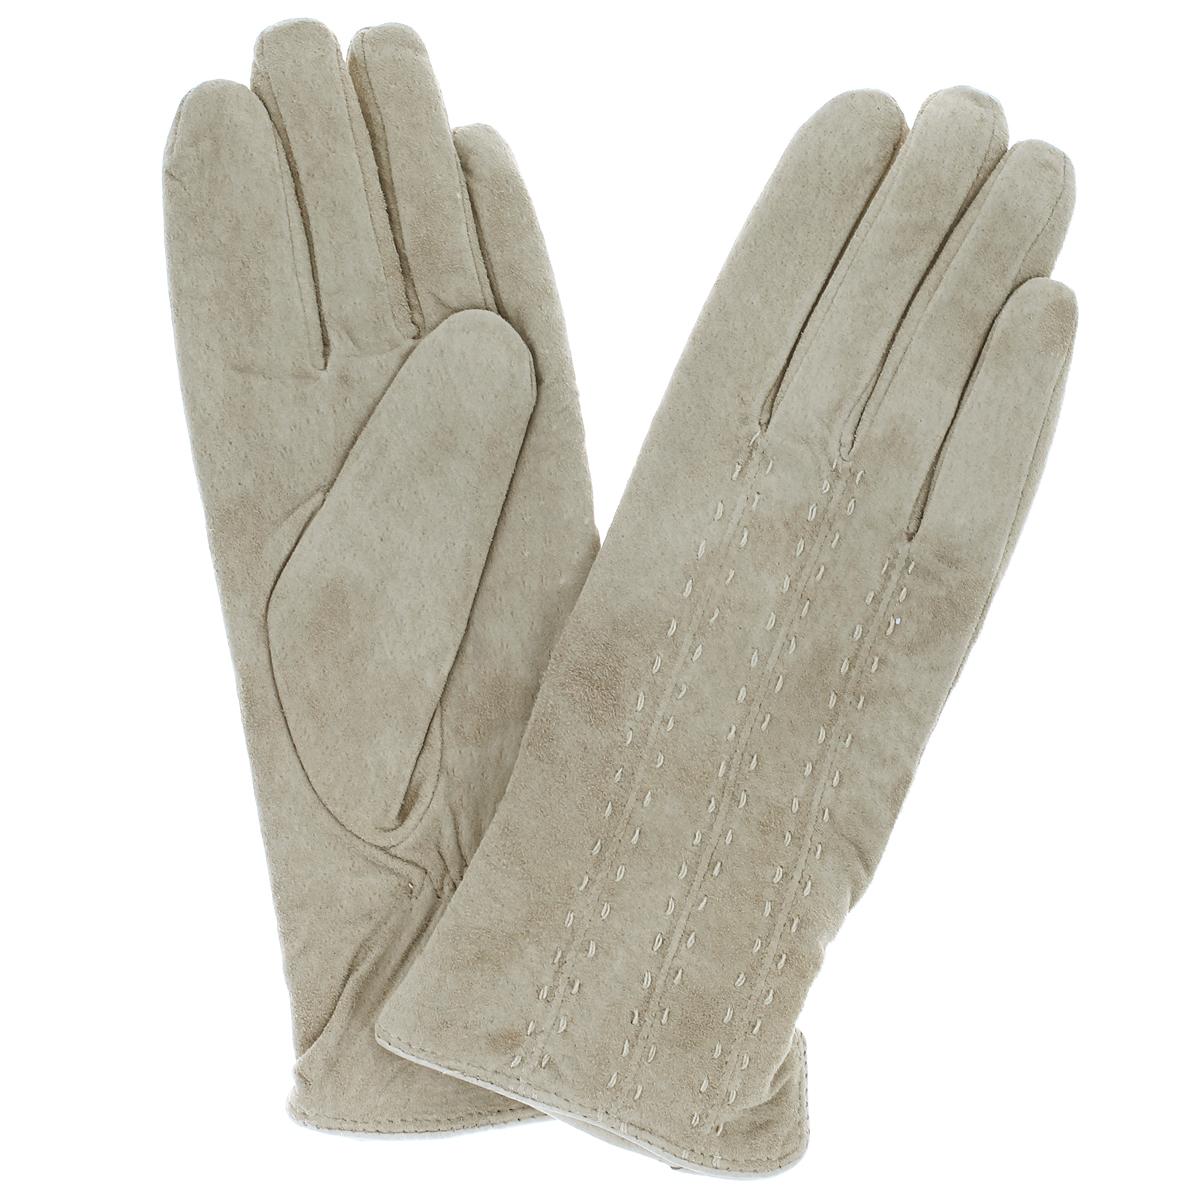 Перчатки женские Dali Exclusive, цвет: слоновая кость. SP11_VASSA/BEIGE. Размер 6,5 перчатки унисекс dali exclusive цвет черный is1 bl размер 8